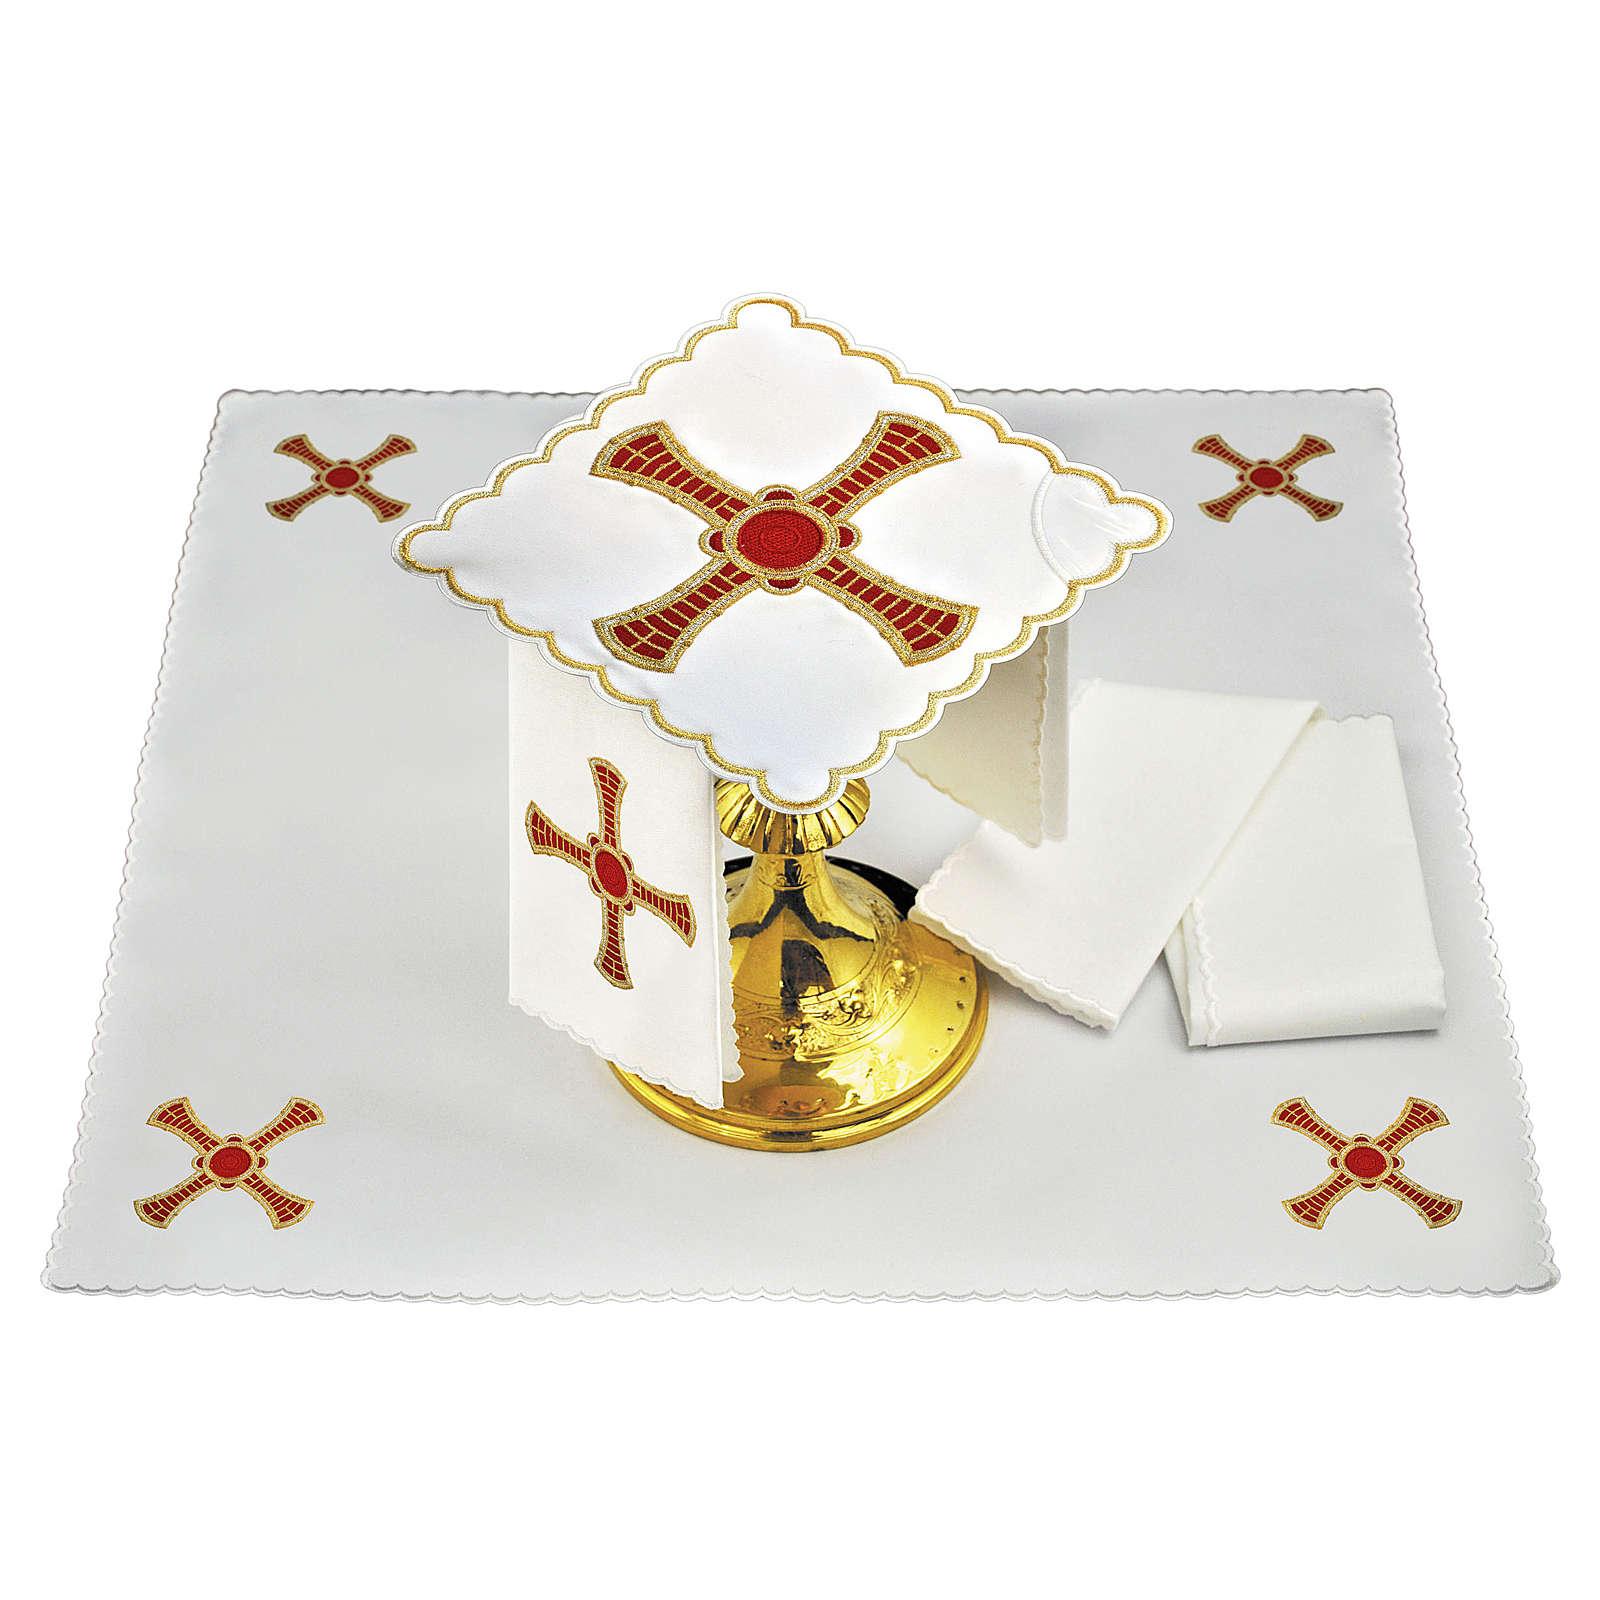 Servicio de altar algodón cruz roja oro con rayas 4